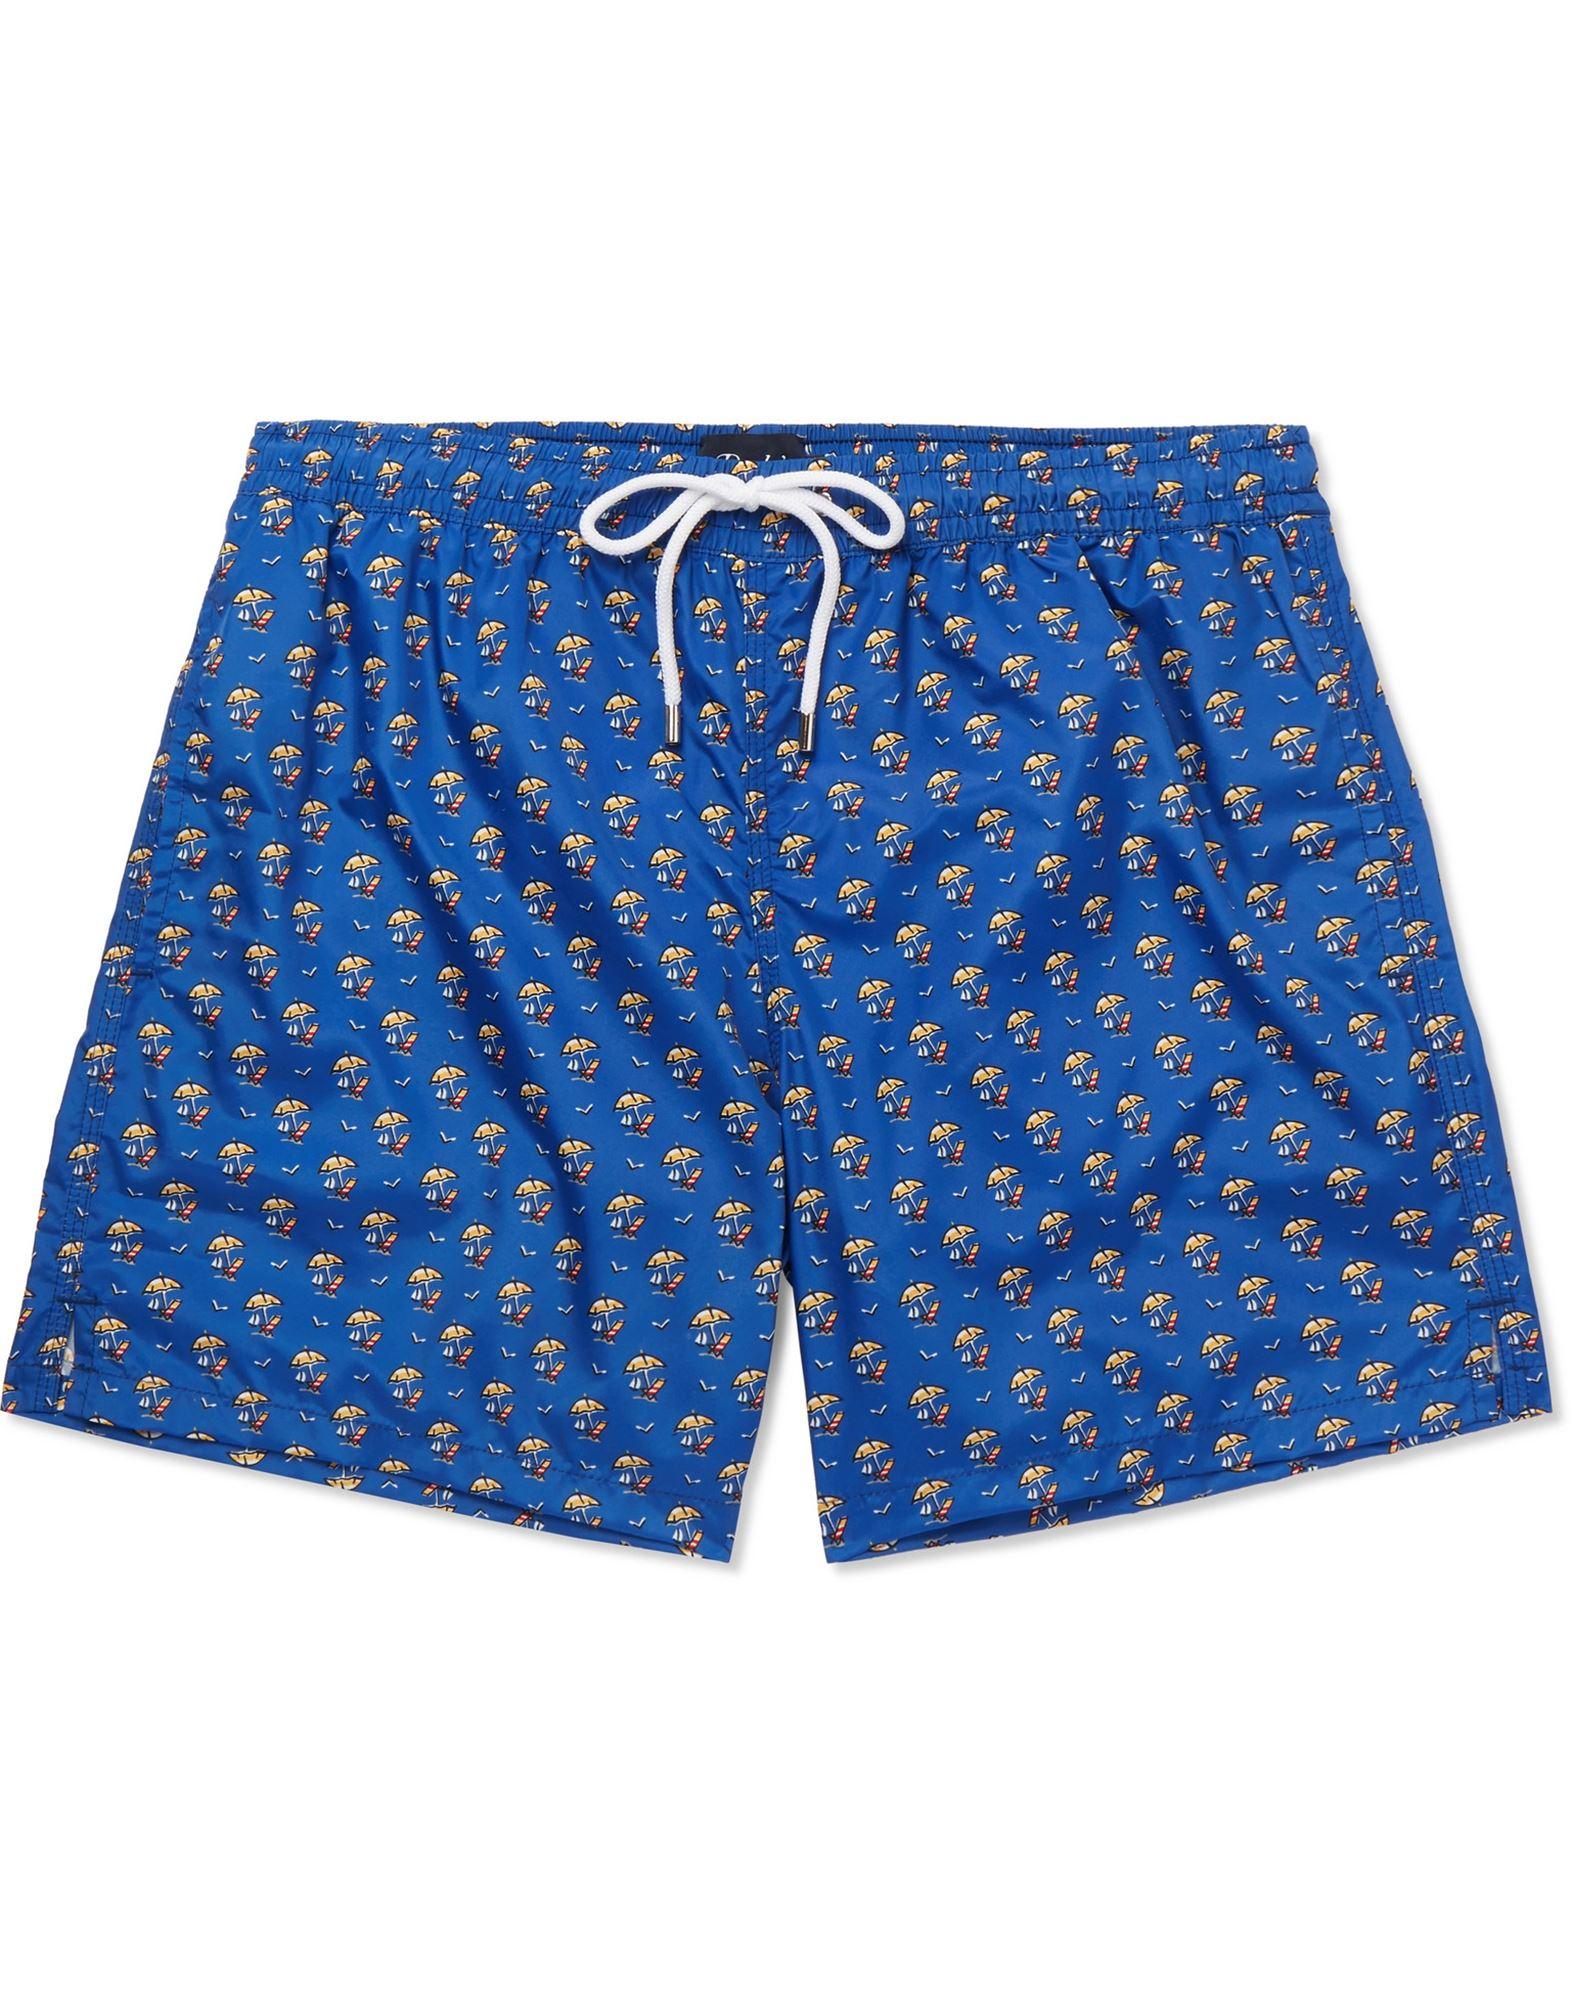 DRAKE'S Swim trunks - Item 14115526